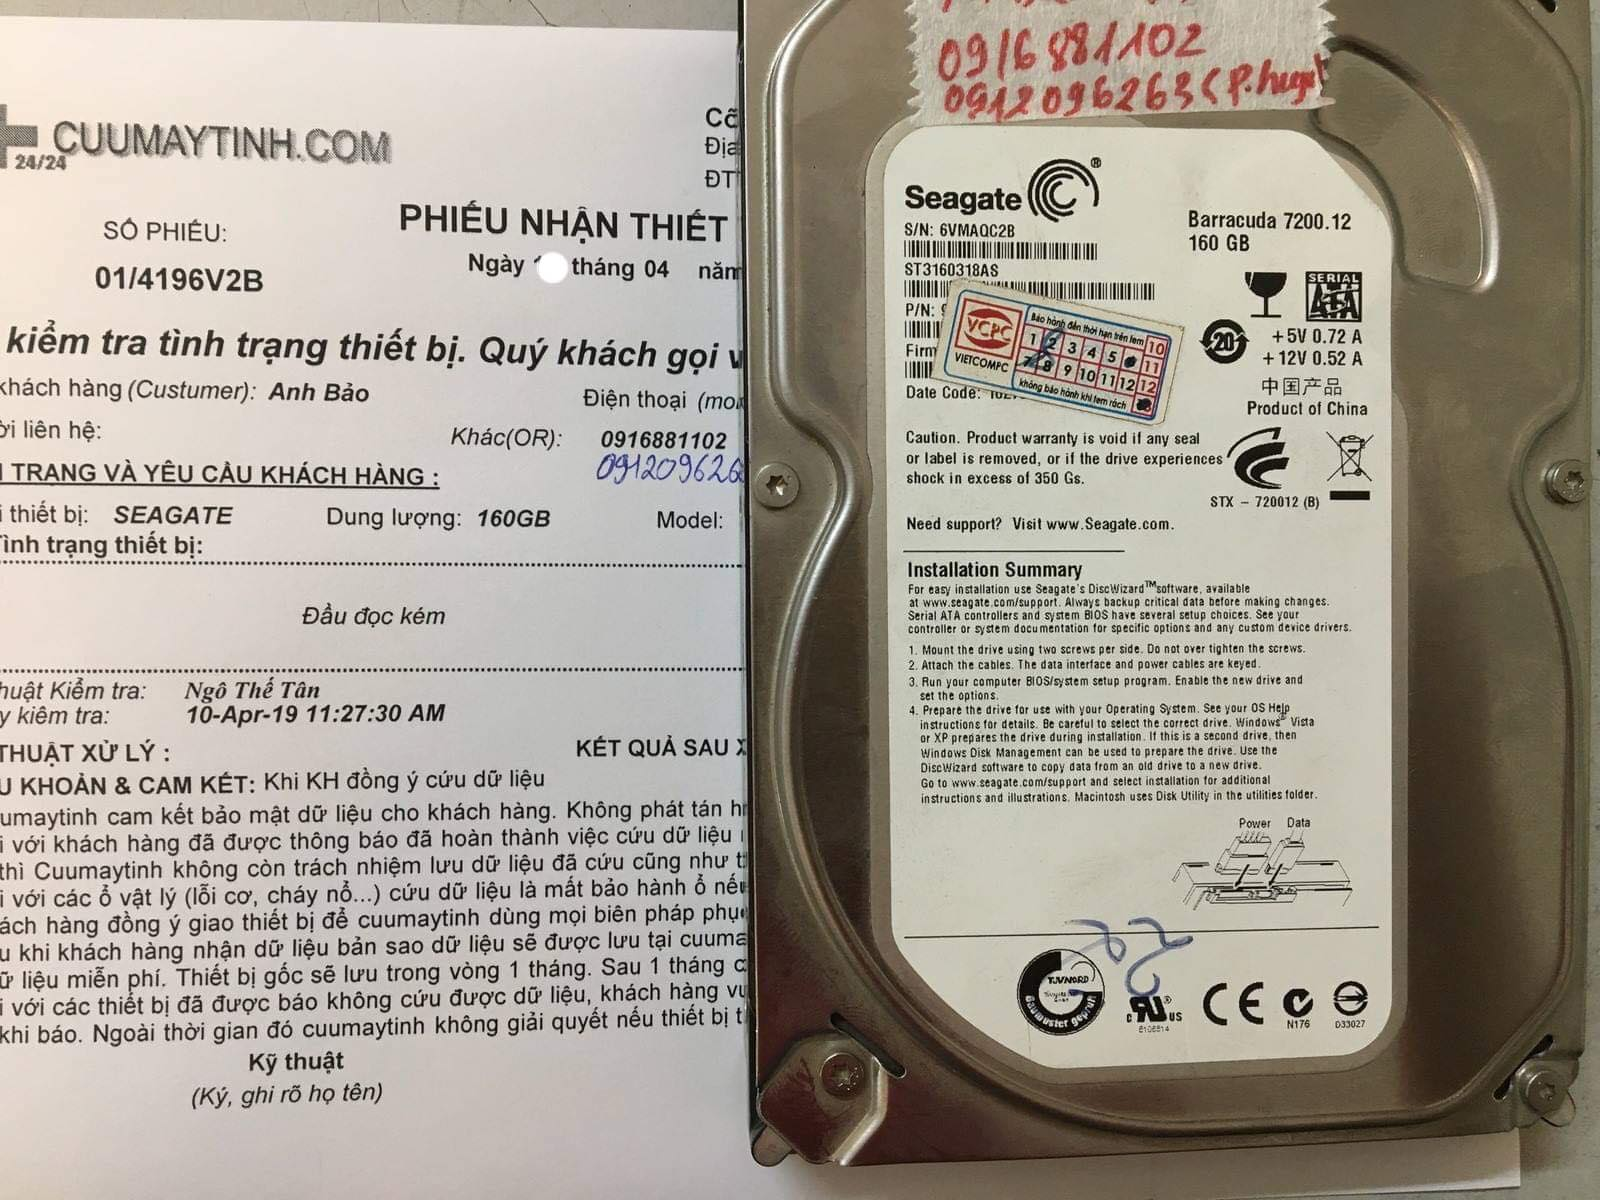 Cứu dữ liệu ổ cứng Seagate 160GB đầu đọc kém 11/04/2019 - cuumaytinh